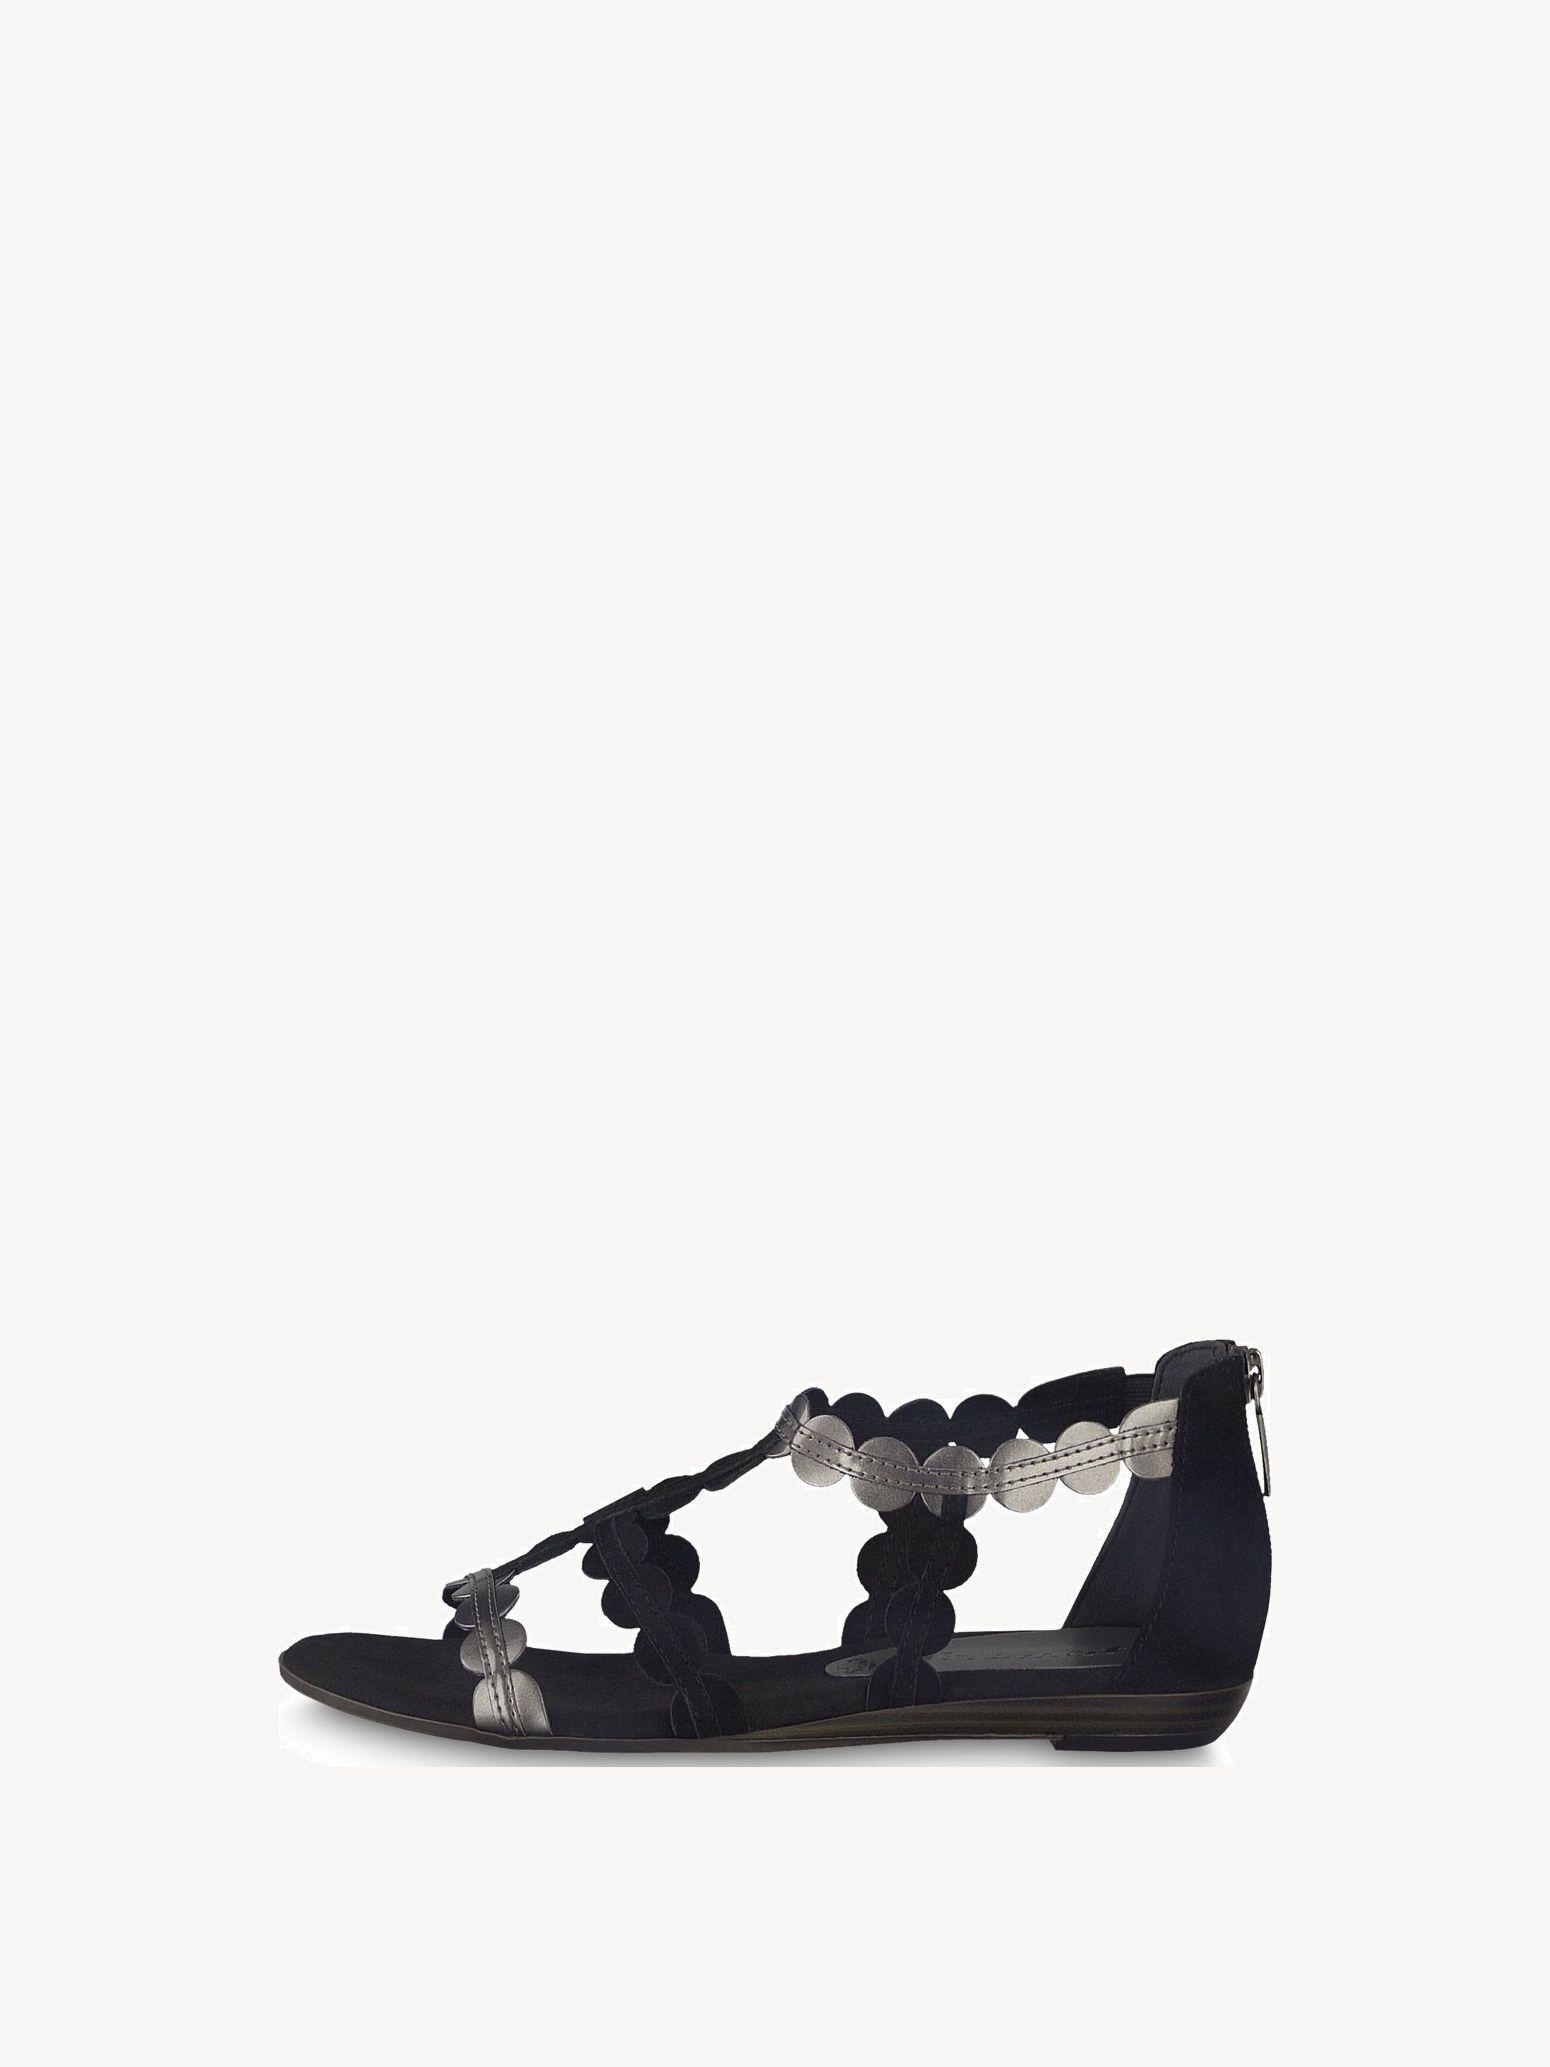 Tamaris Verbena Sandaletten, Obermaterial: Materialmix aus Leder und Textil online kaufen   OTTO